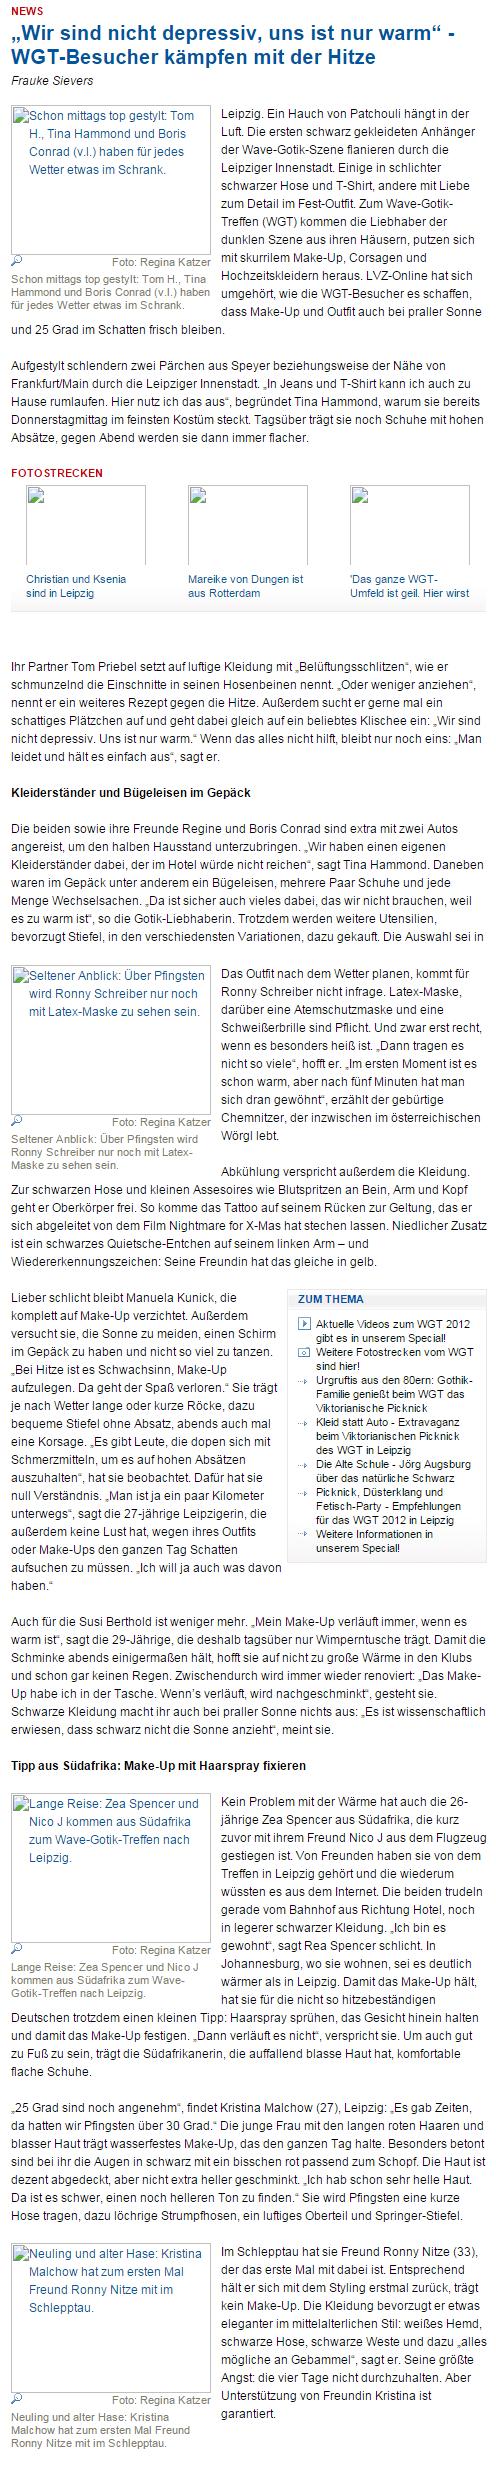 Suchen und finden: Bekanntschaften - News - Stuttgarter Nachrichten